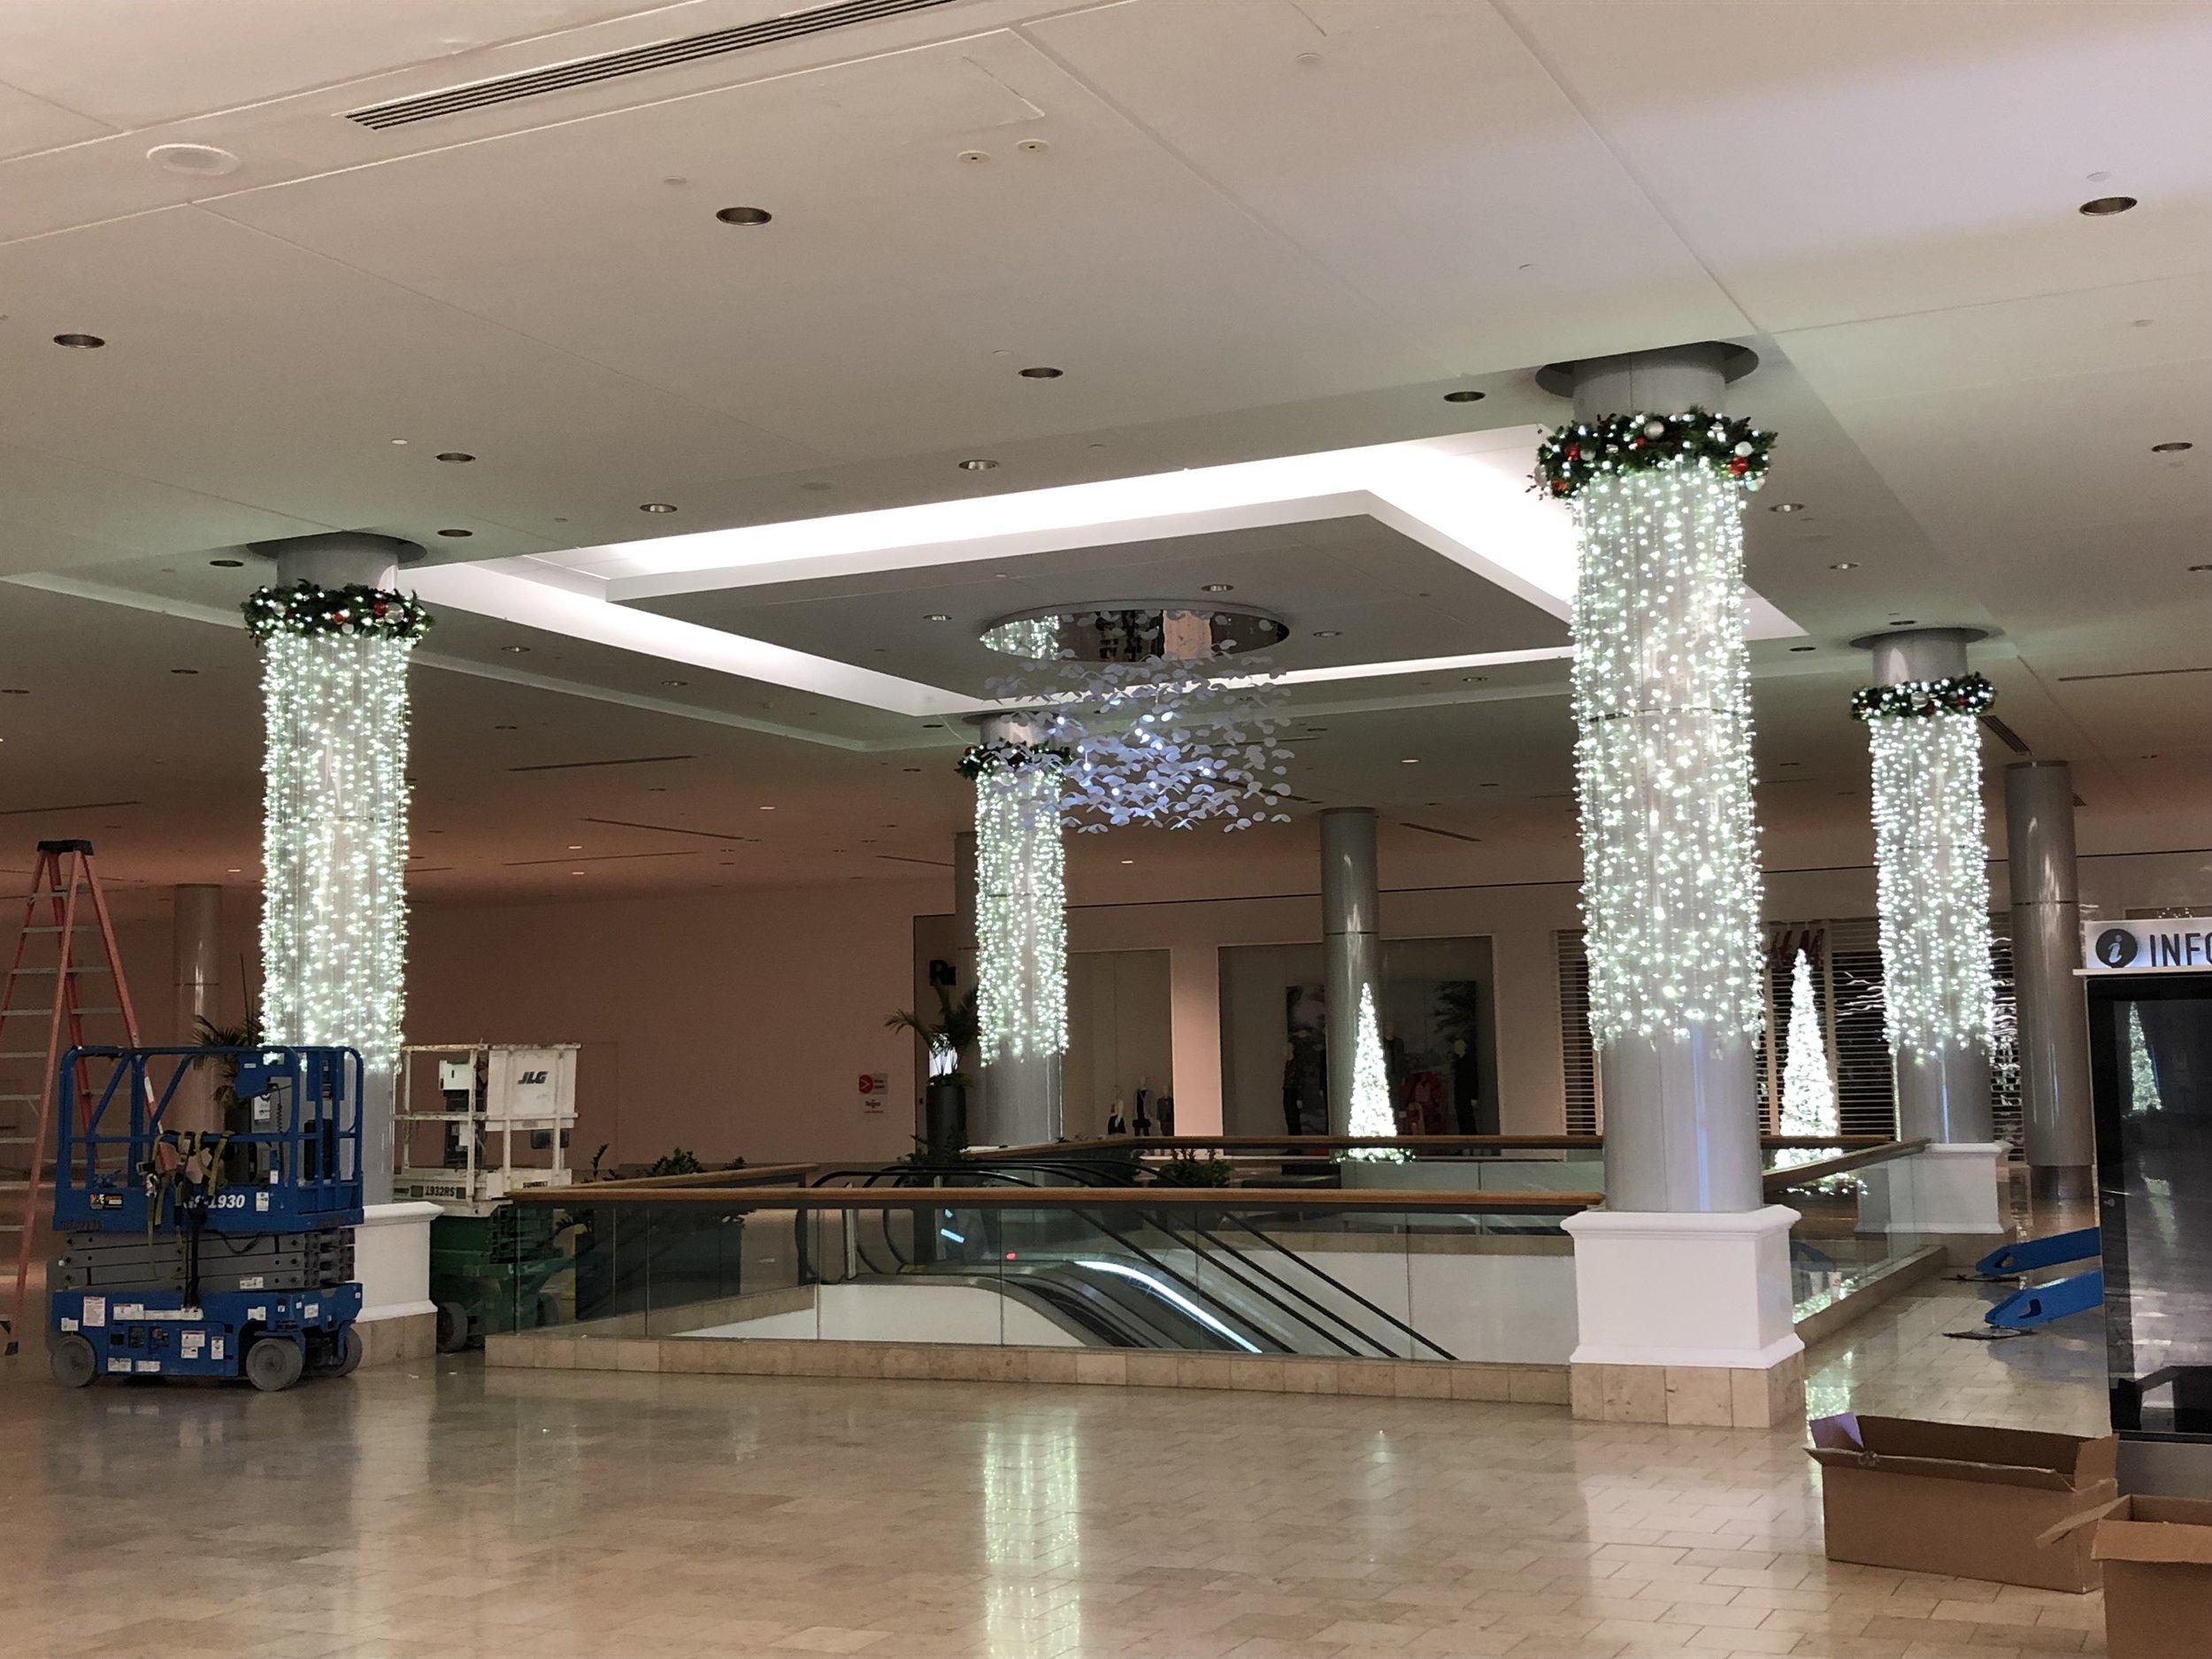 Galleria Mall 2018.JPG